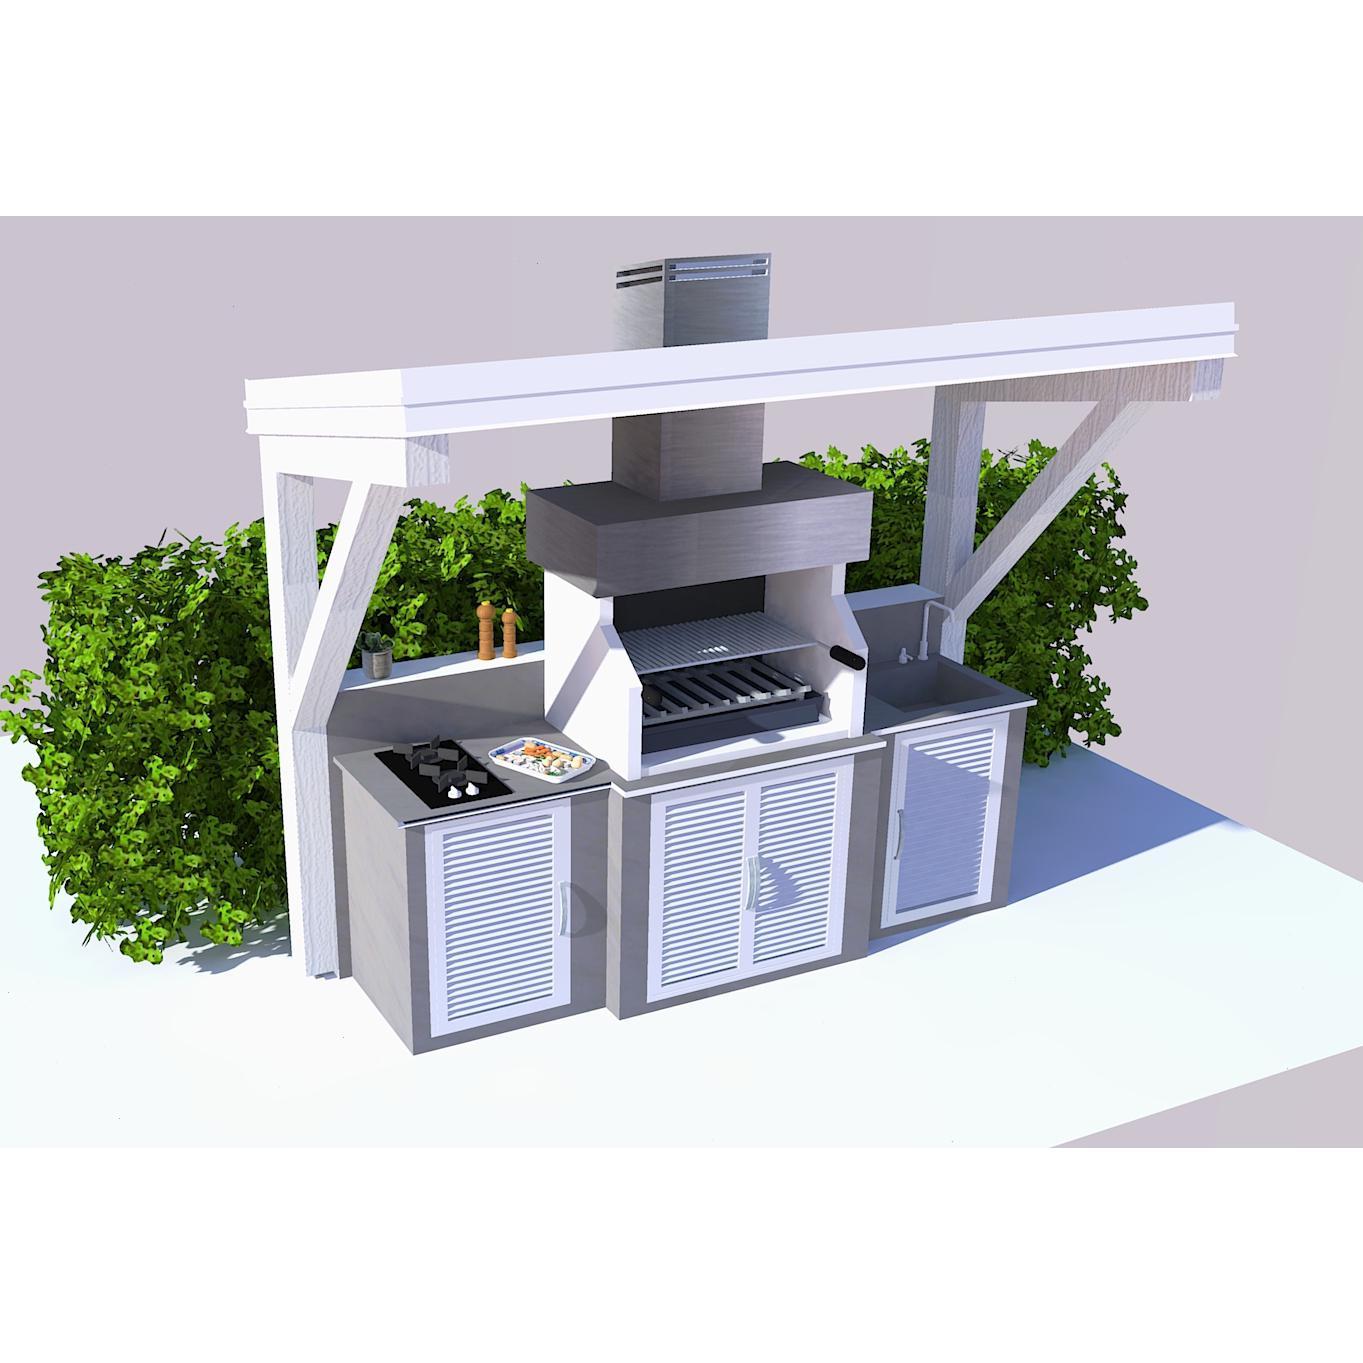 Cucina da esterno con tettoia